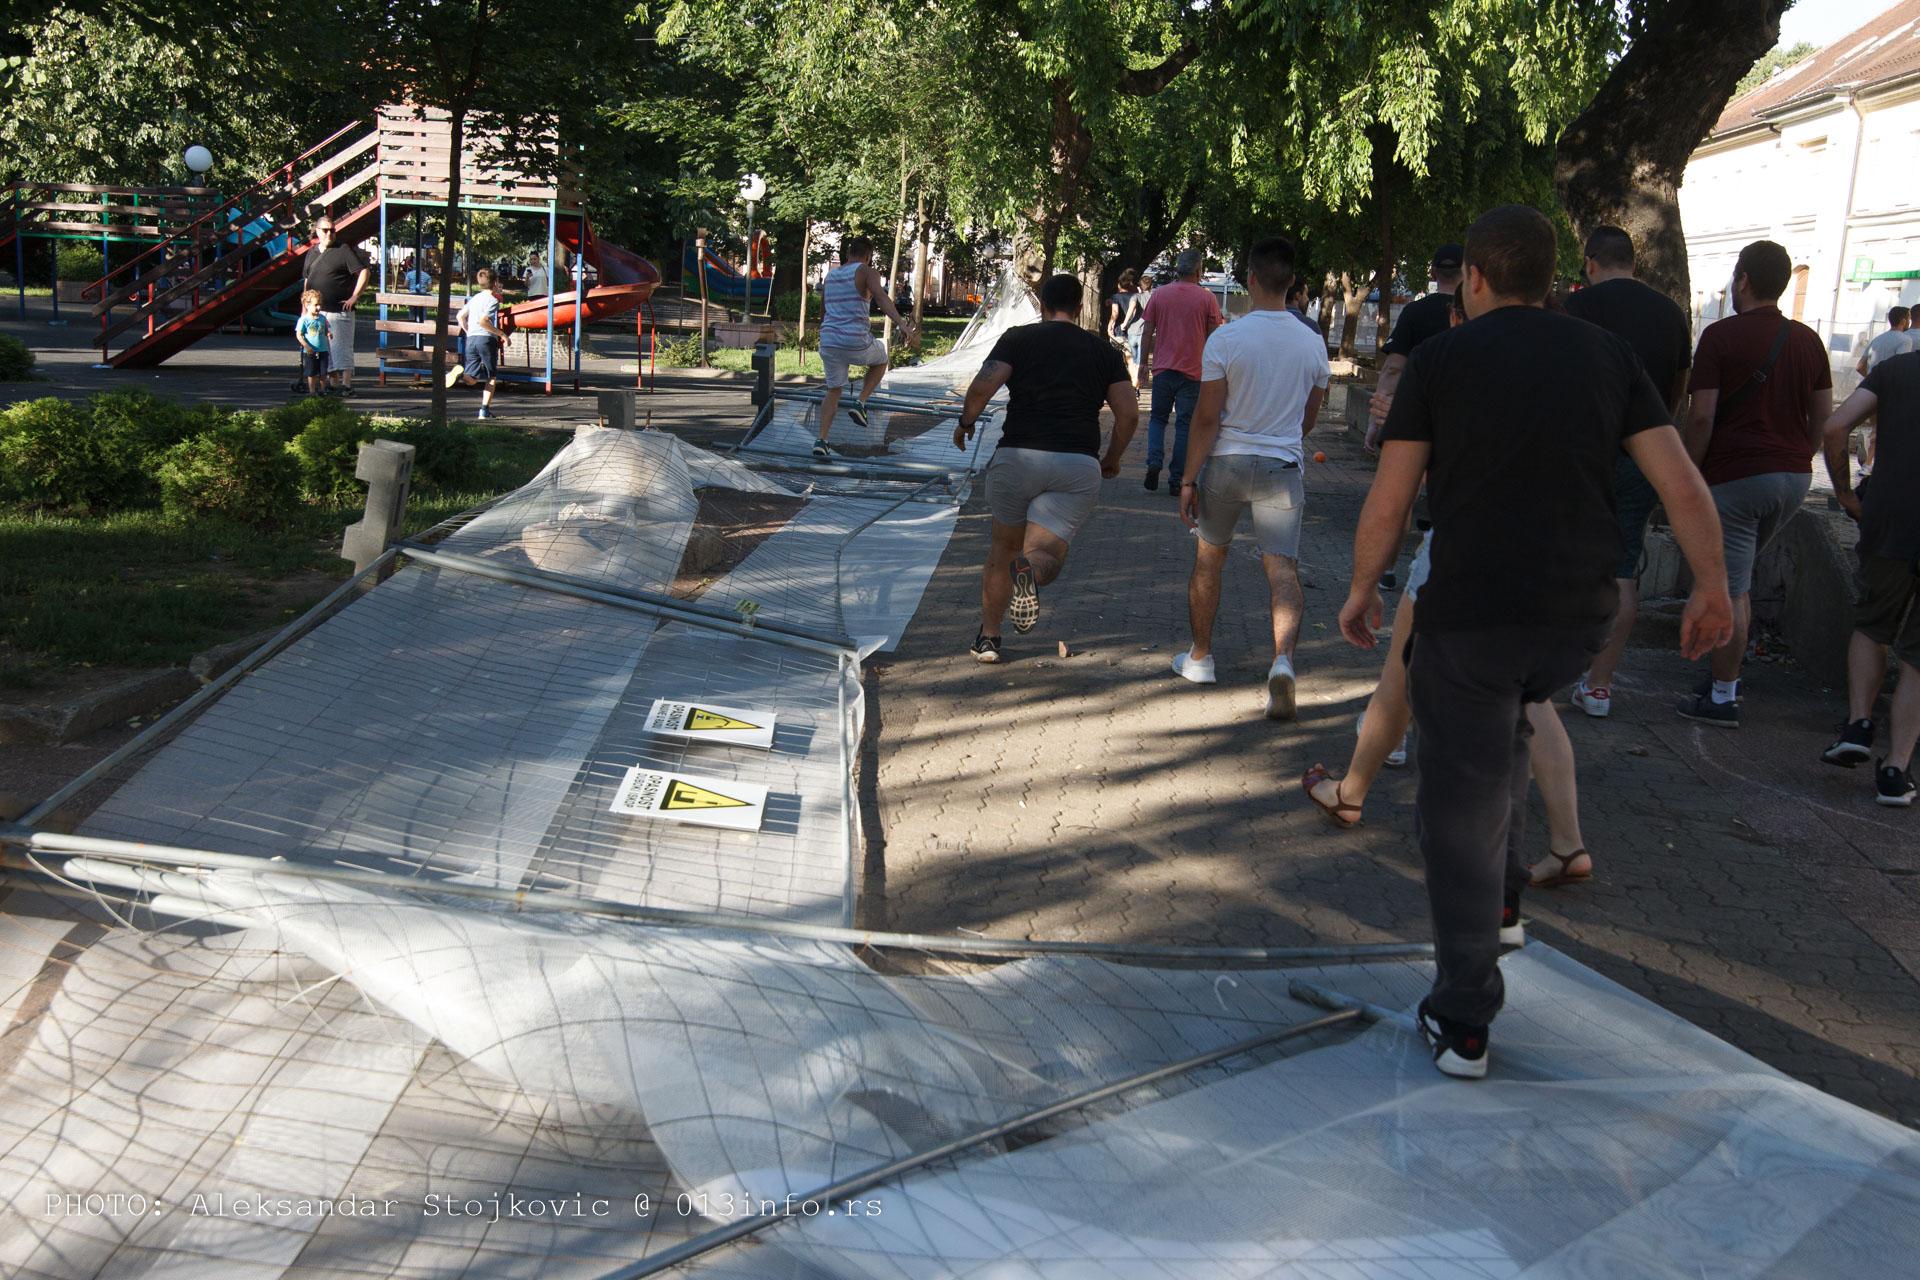 Rušenje ograda u gradskom parku